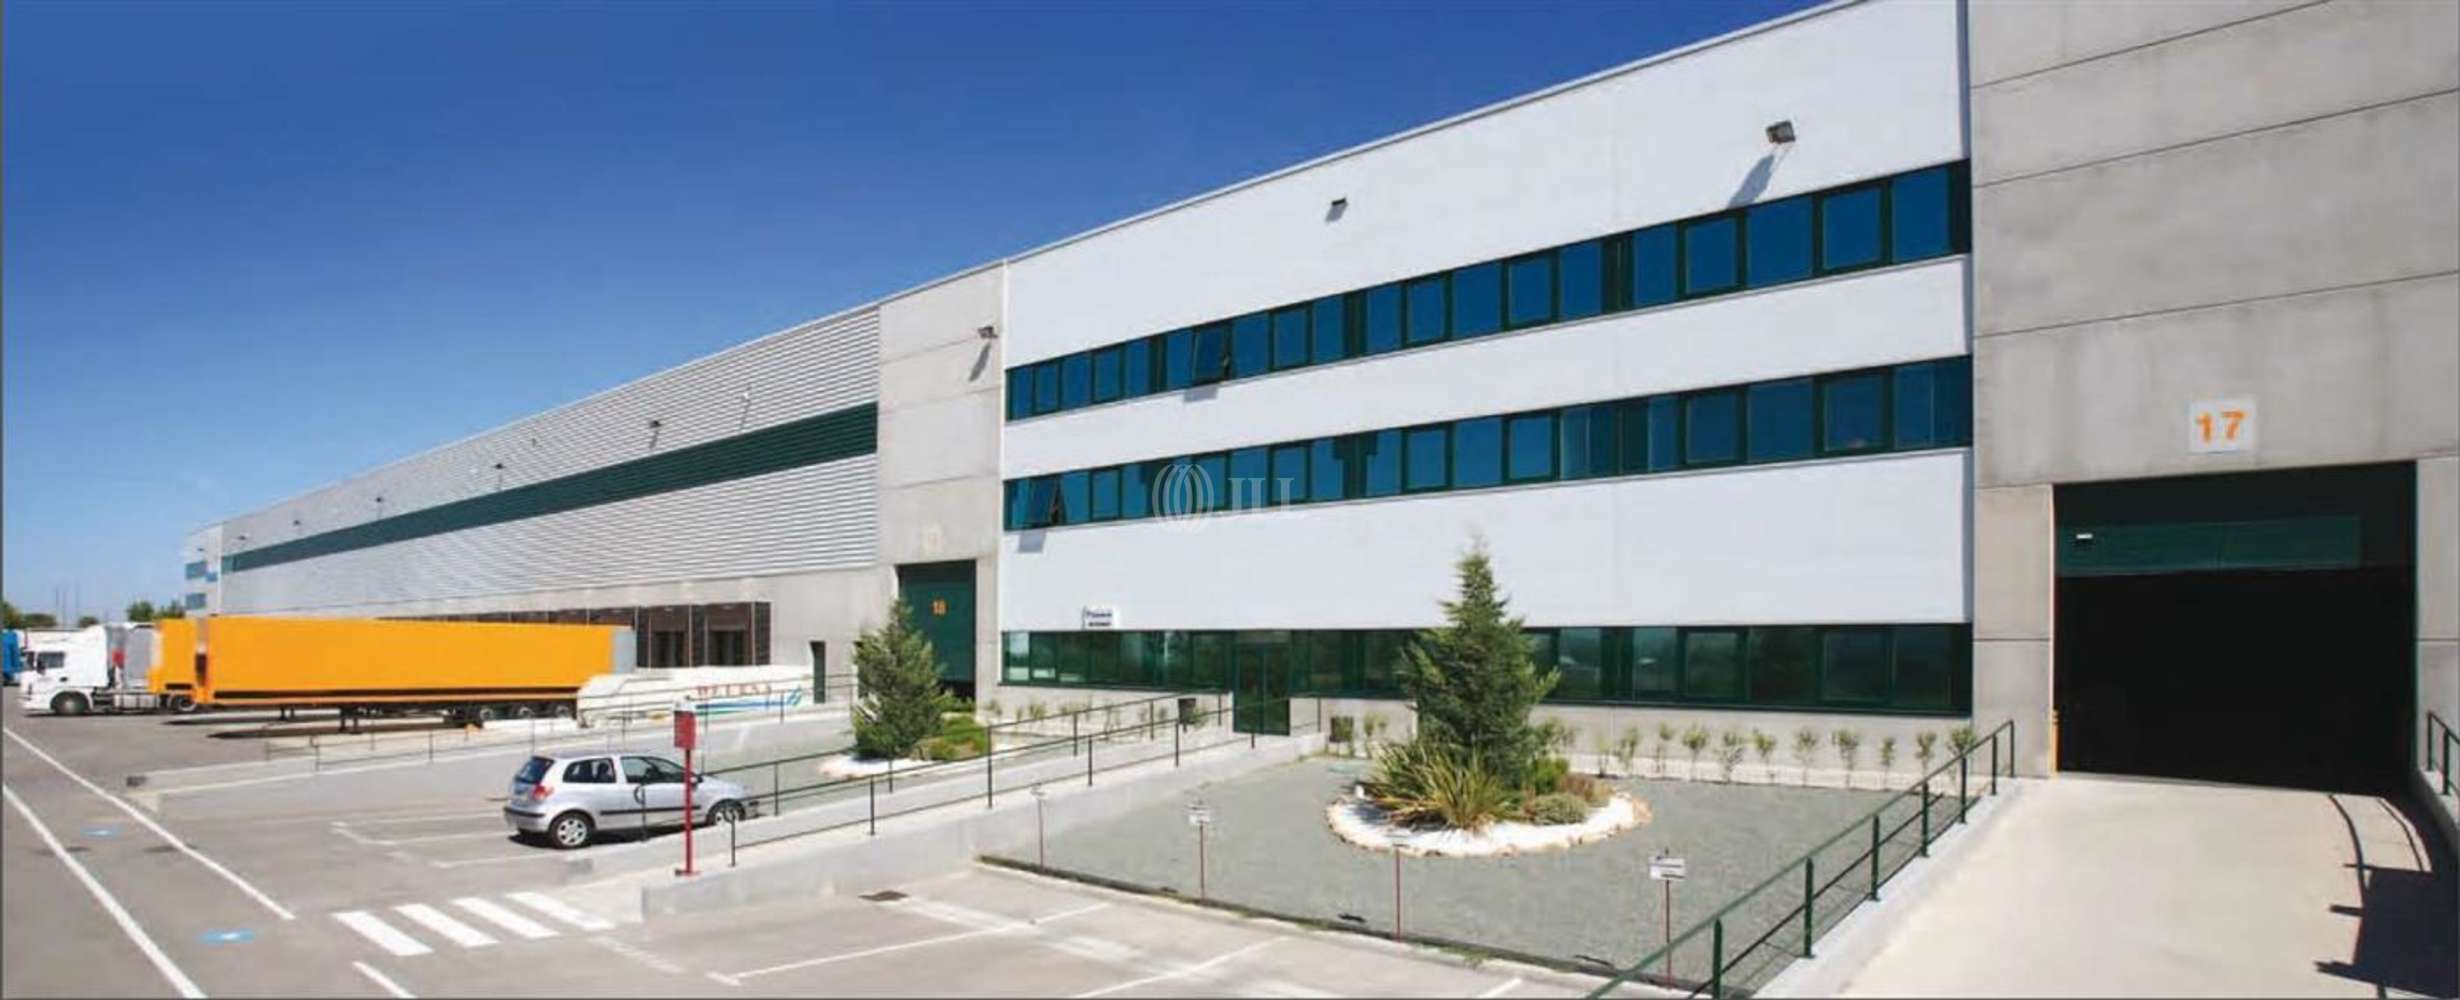 Naves industriales y logísticas Alcalá de henares, 28806 - Nave Logistica - M0255 P.I. LA GARENA PROLOGIS - 15164